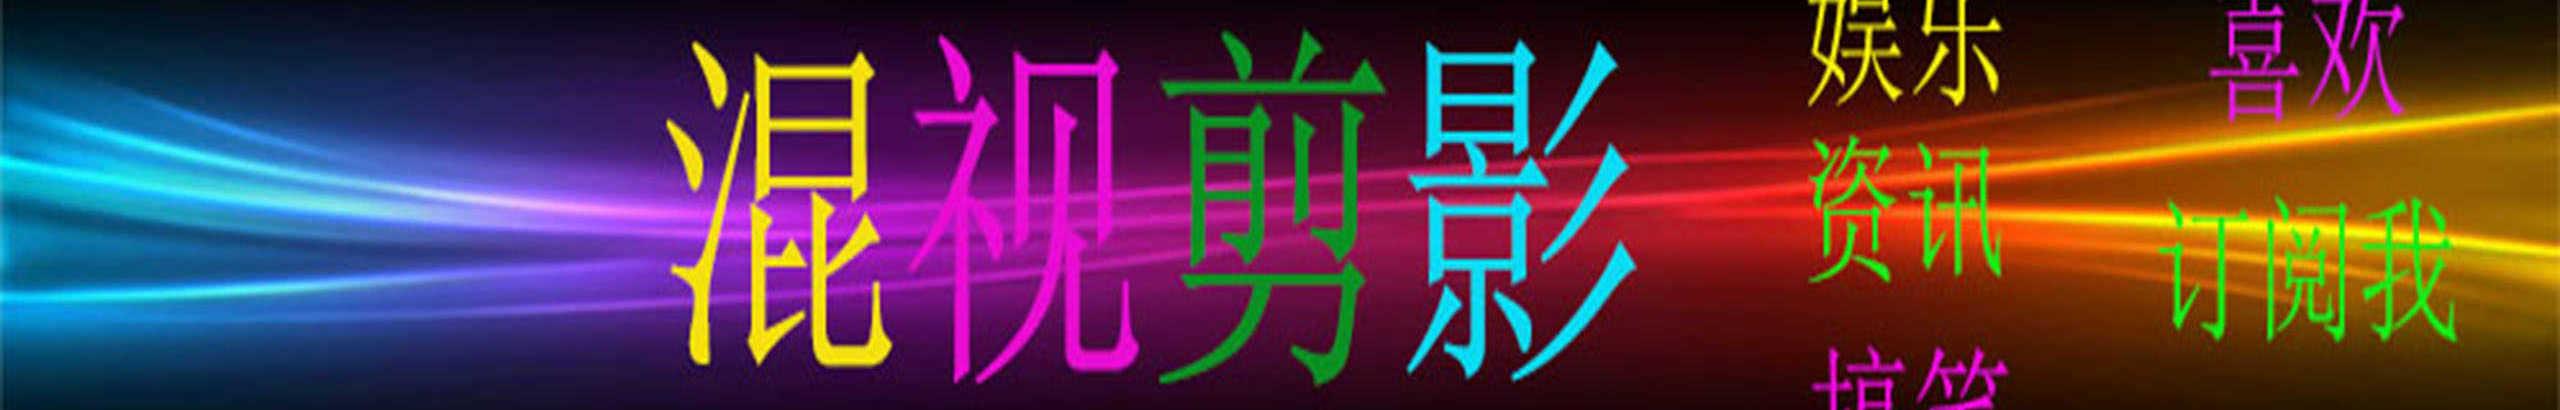 混视剪影 banner